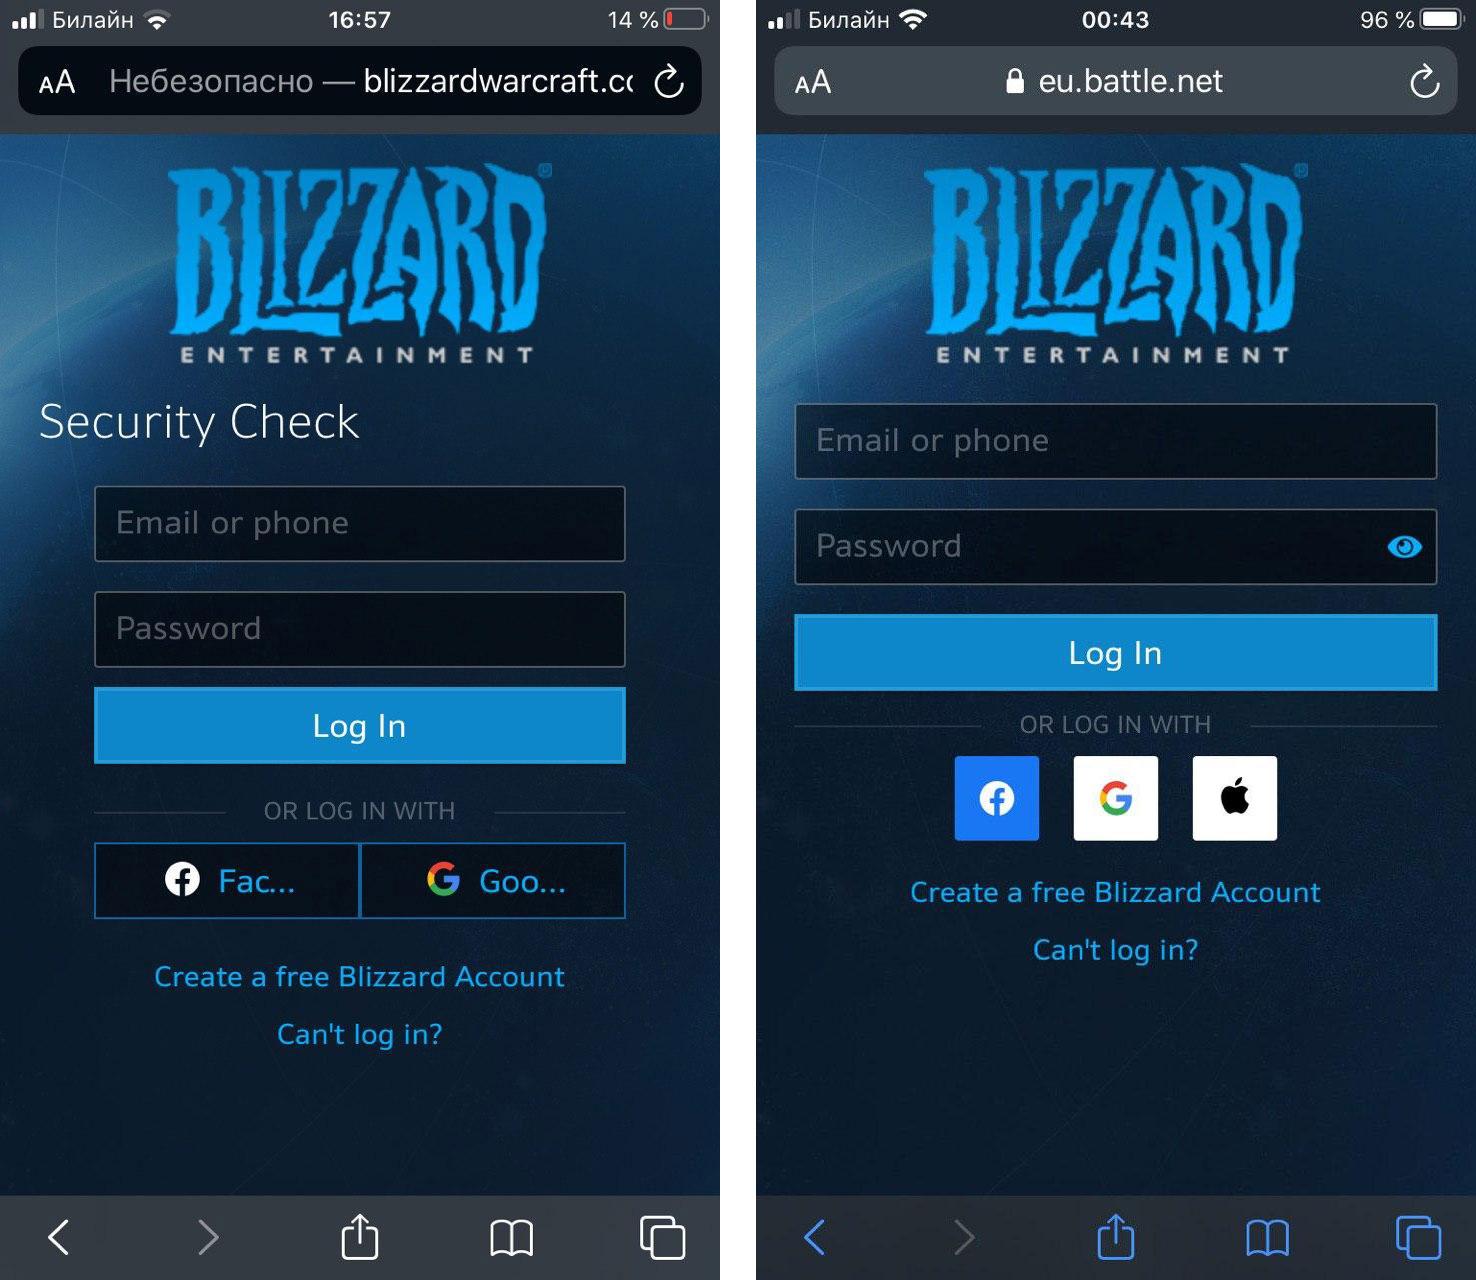 Сравнение поддельной страницы и настоящего сайта Blizzard